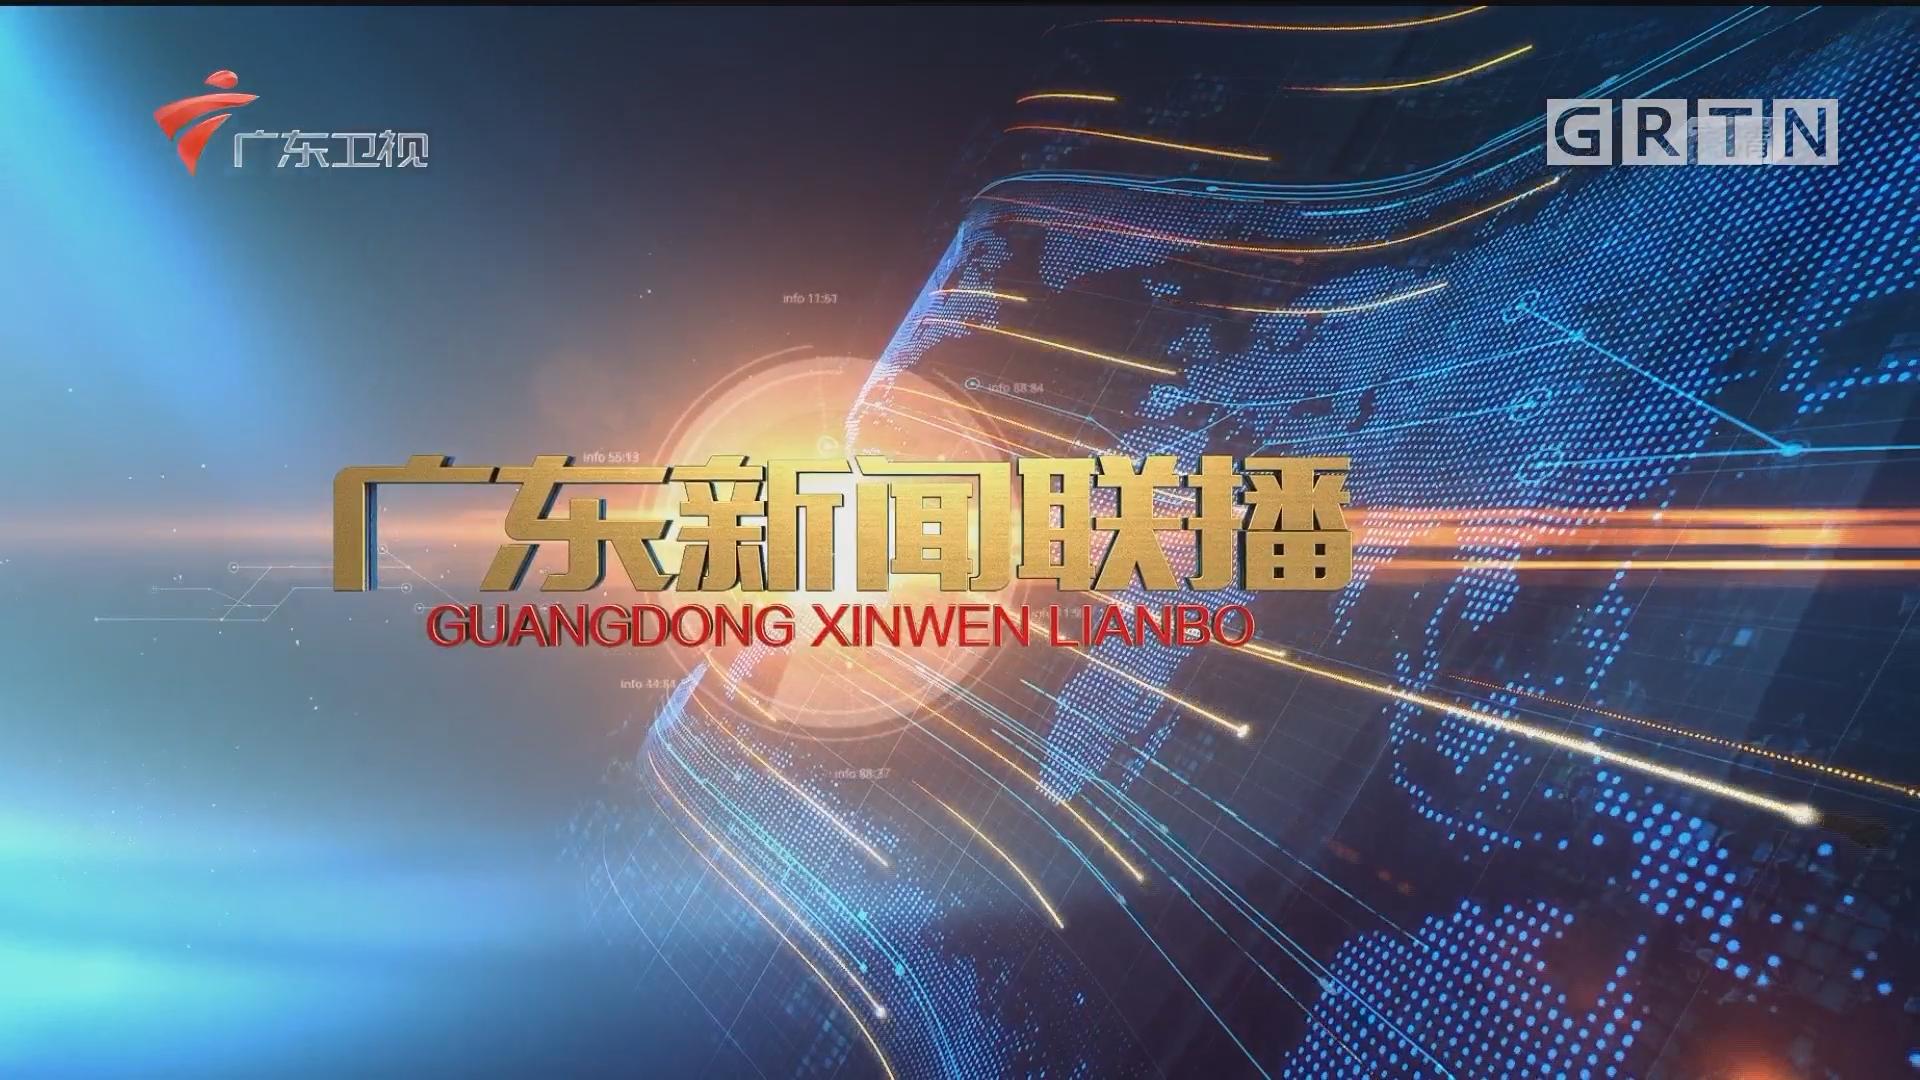 [HD][2017-12-05]广东新闻联播:广东:以更大作为将新时代改革推向前进